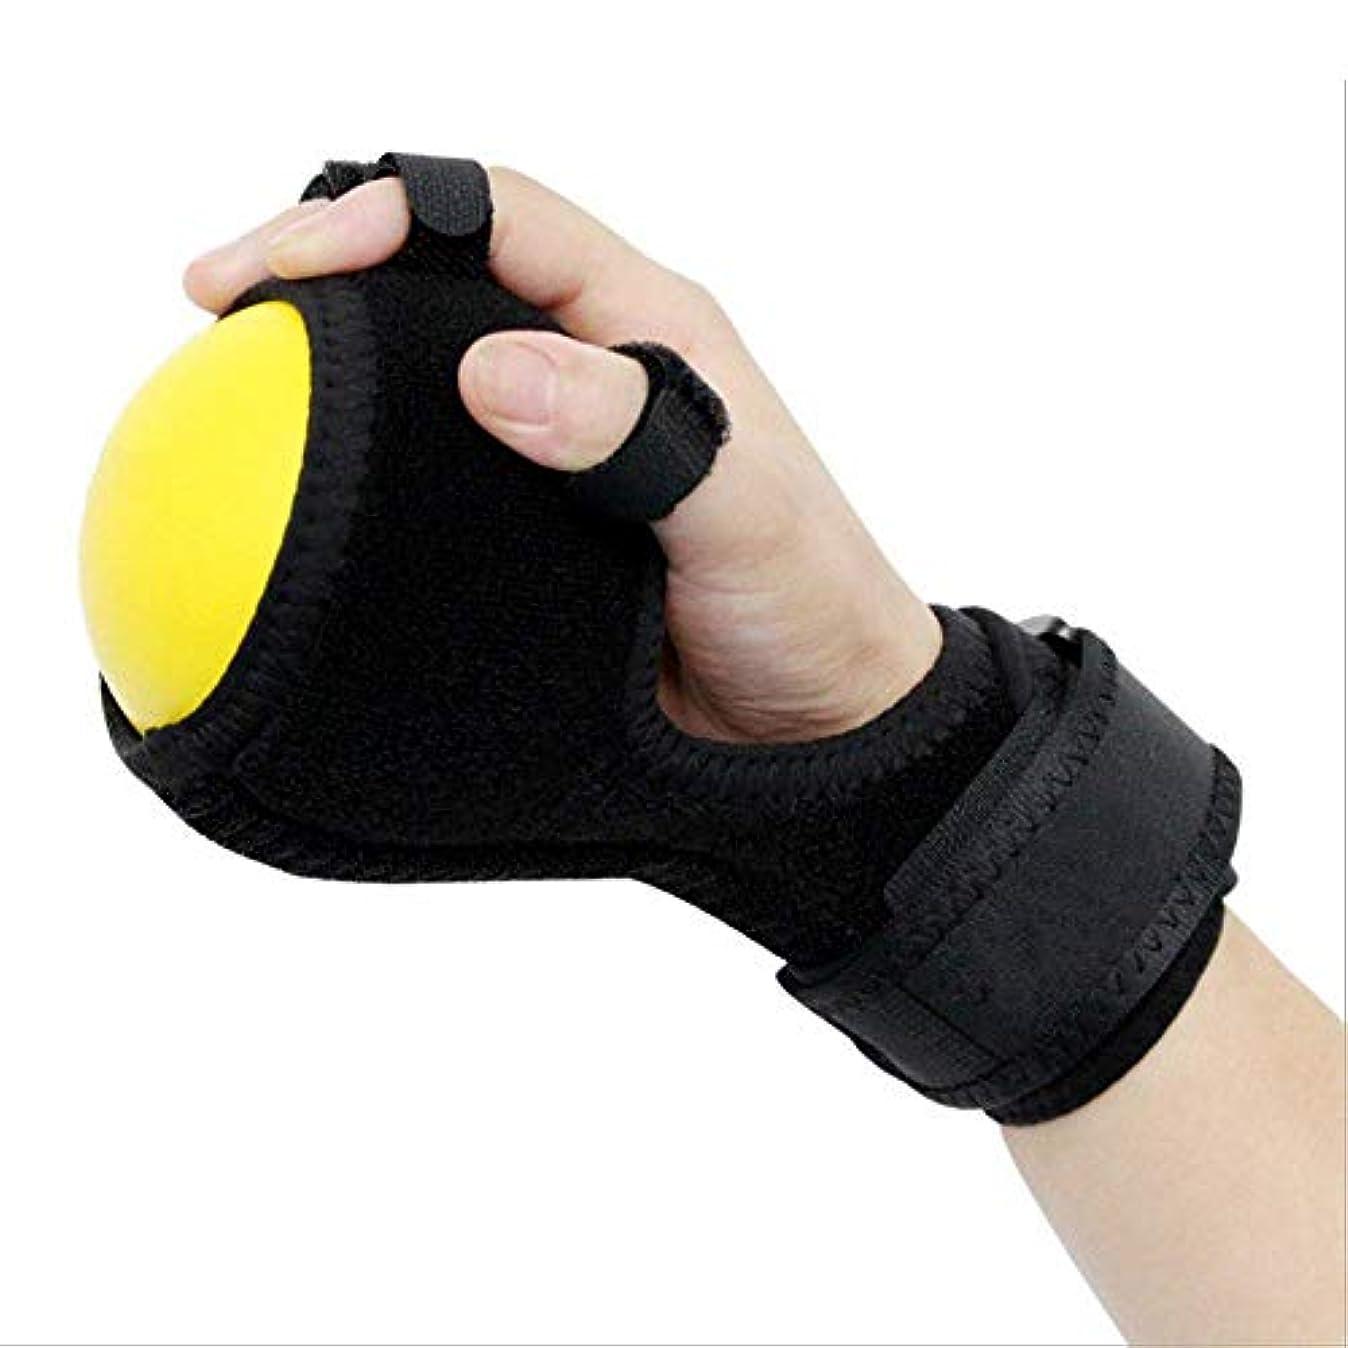 扇動本狂った指装具、指板訓練器具抗痙攣性ボールスプリントハンド機能障害指装具ハンドボールエクササイズ指片麻痺